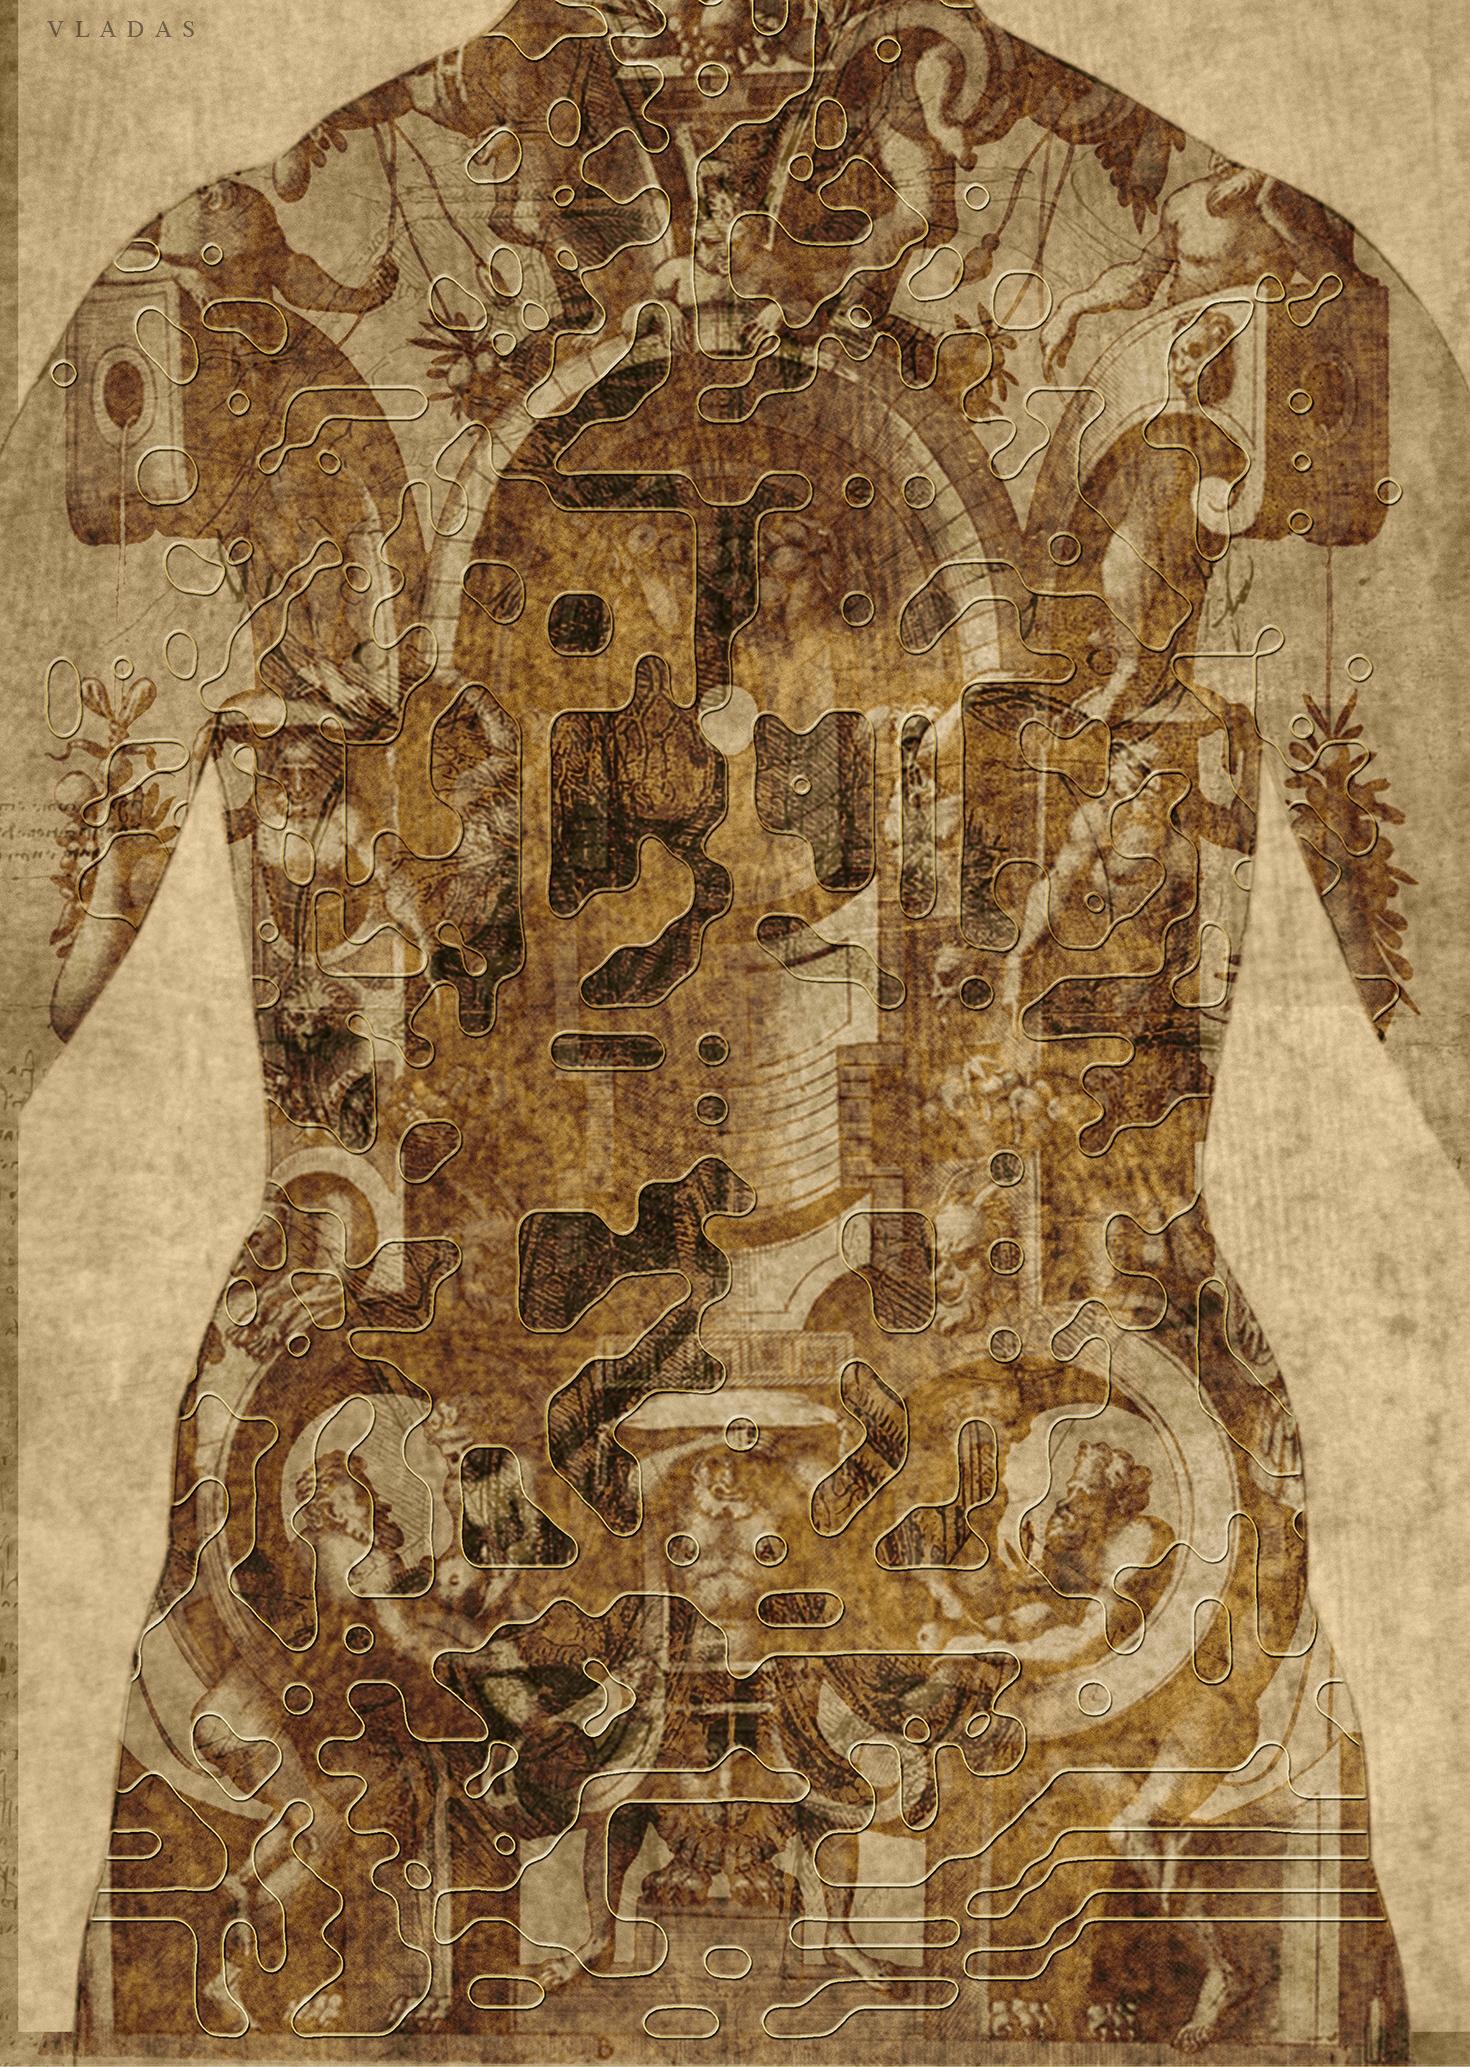 Baroque man - drawing, conceptart - vladasorze | ello